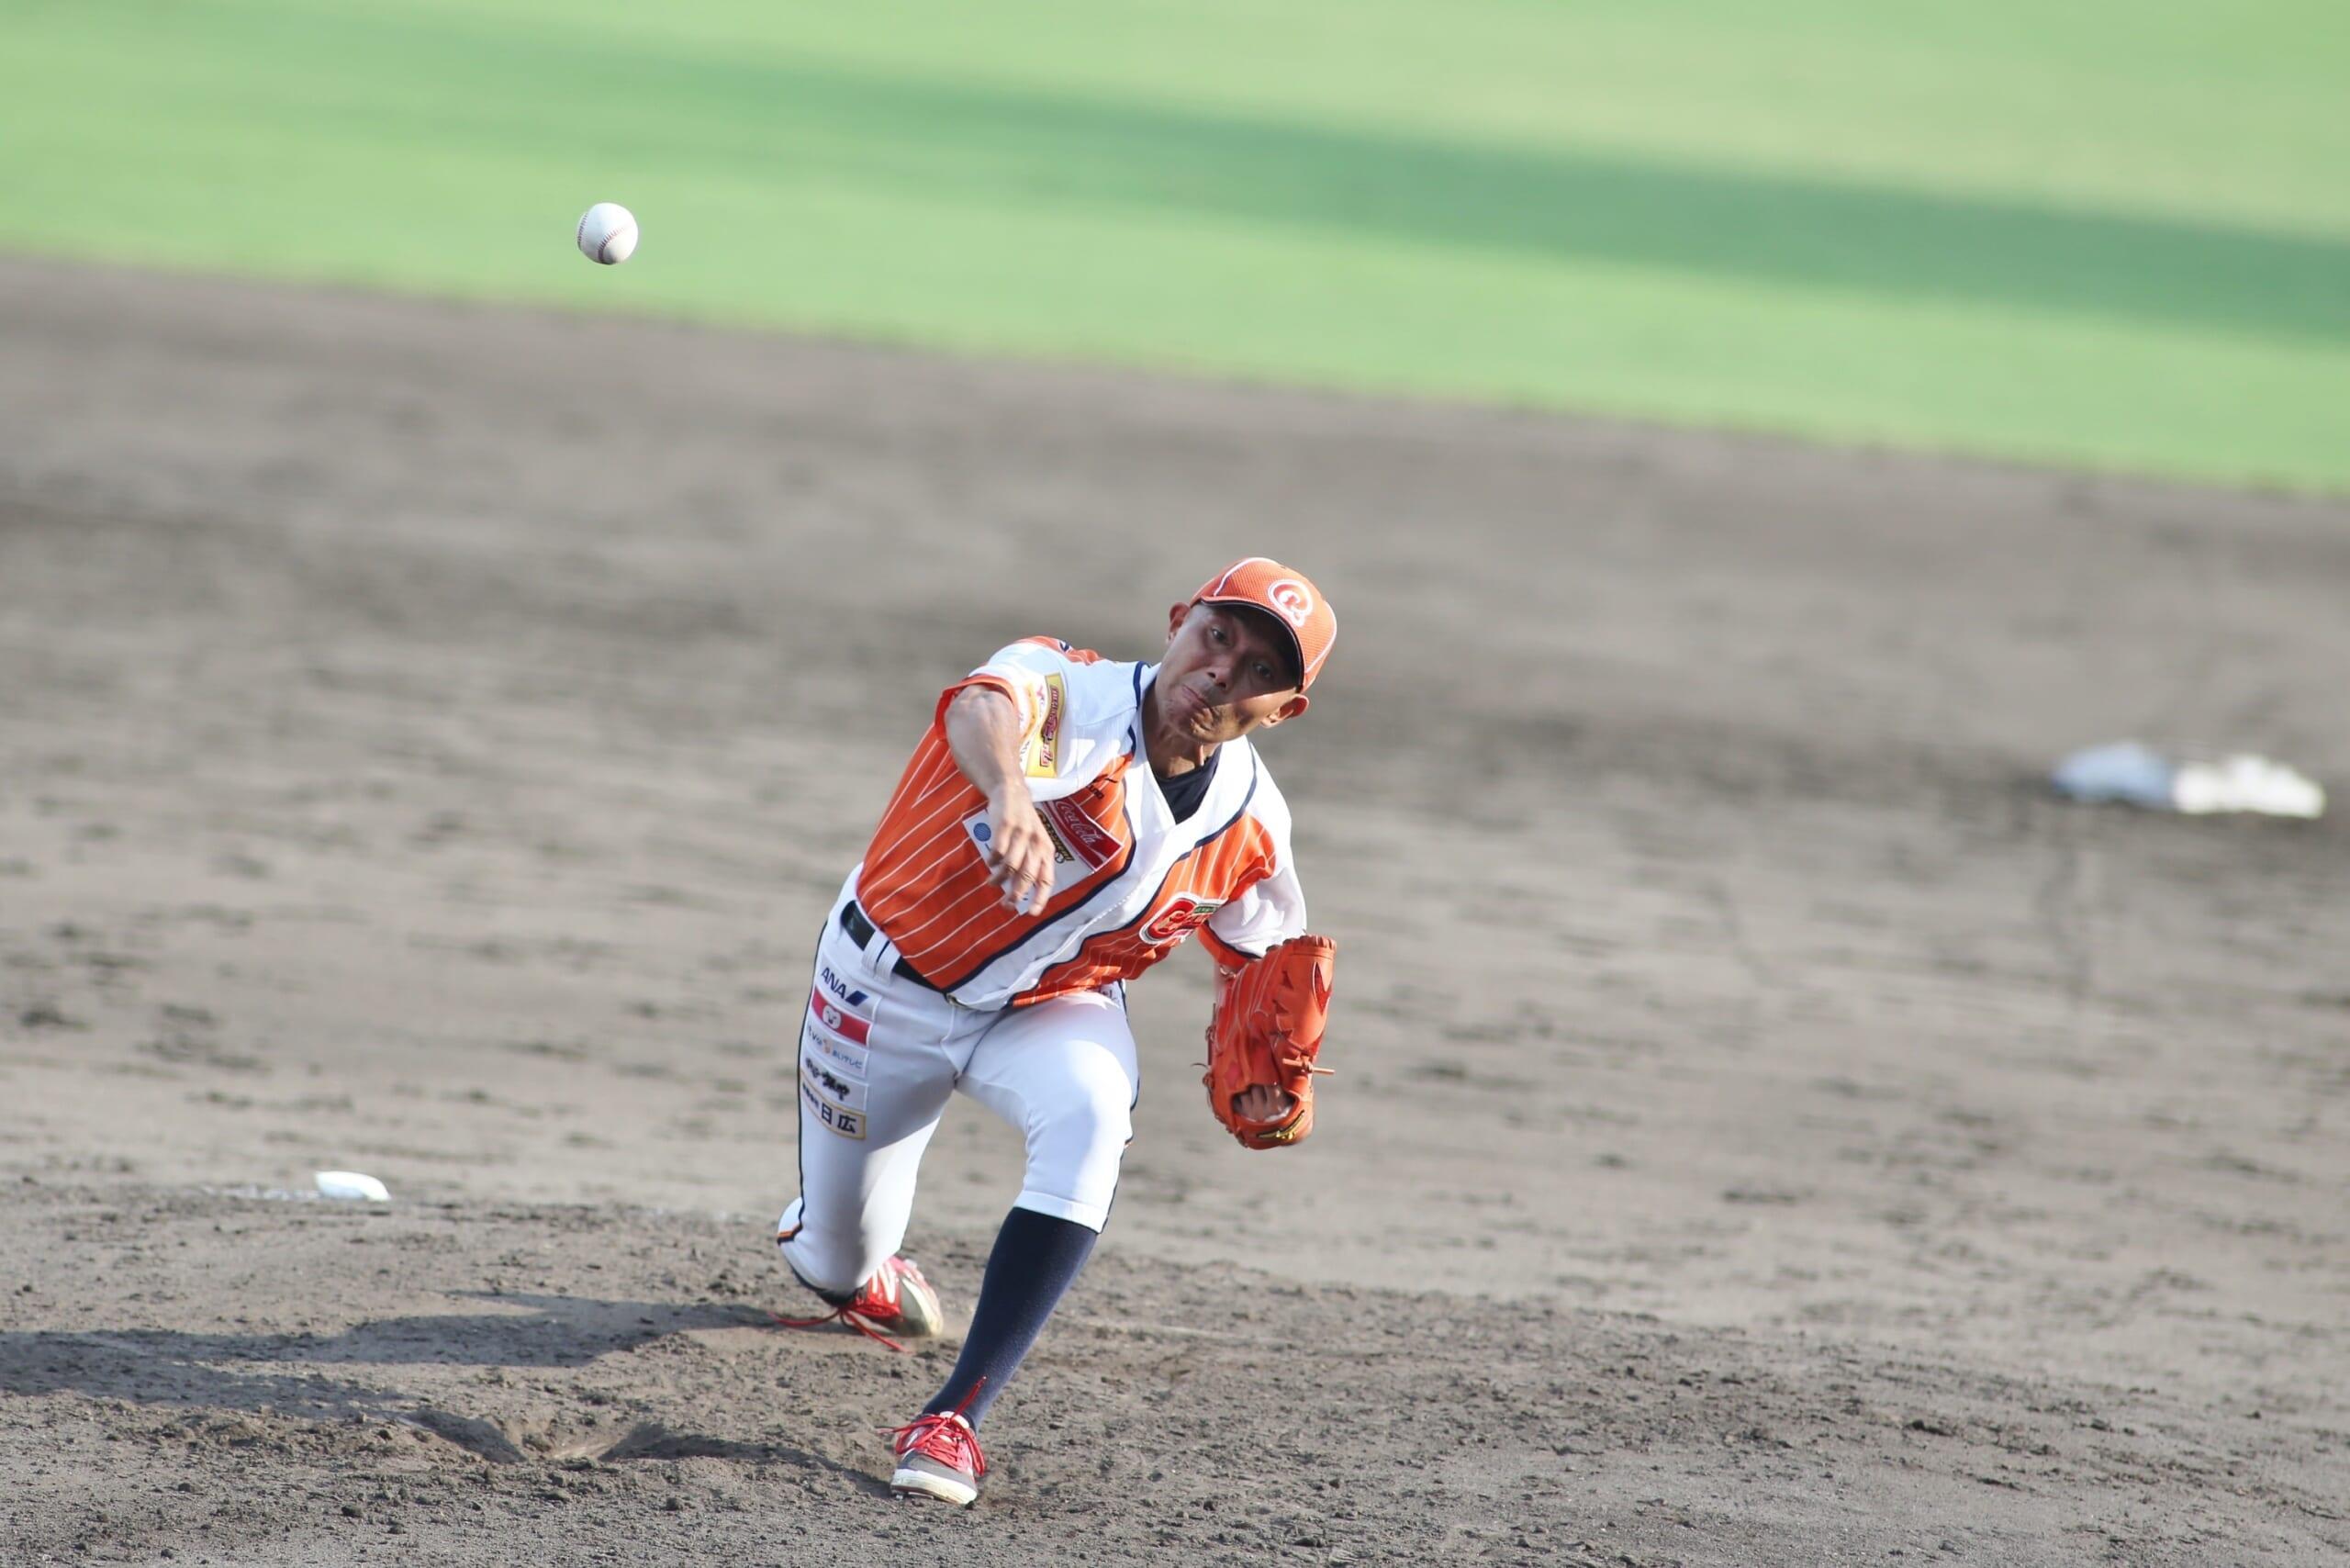 楽天・藤田一也選手、正田樹投手の一言。次に向かって。<br />お笑い芸人・杉浦双亮の挑戦記〈26〉<br />